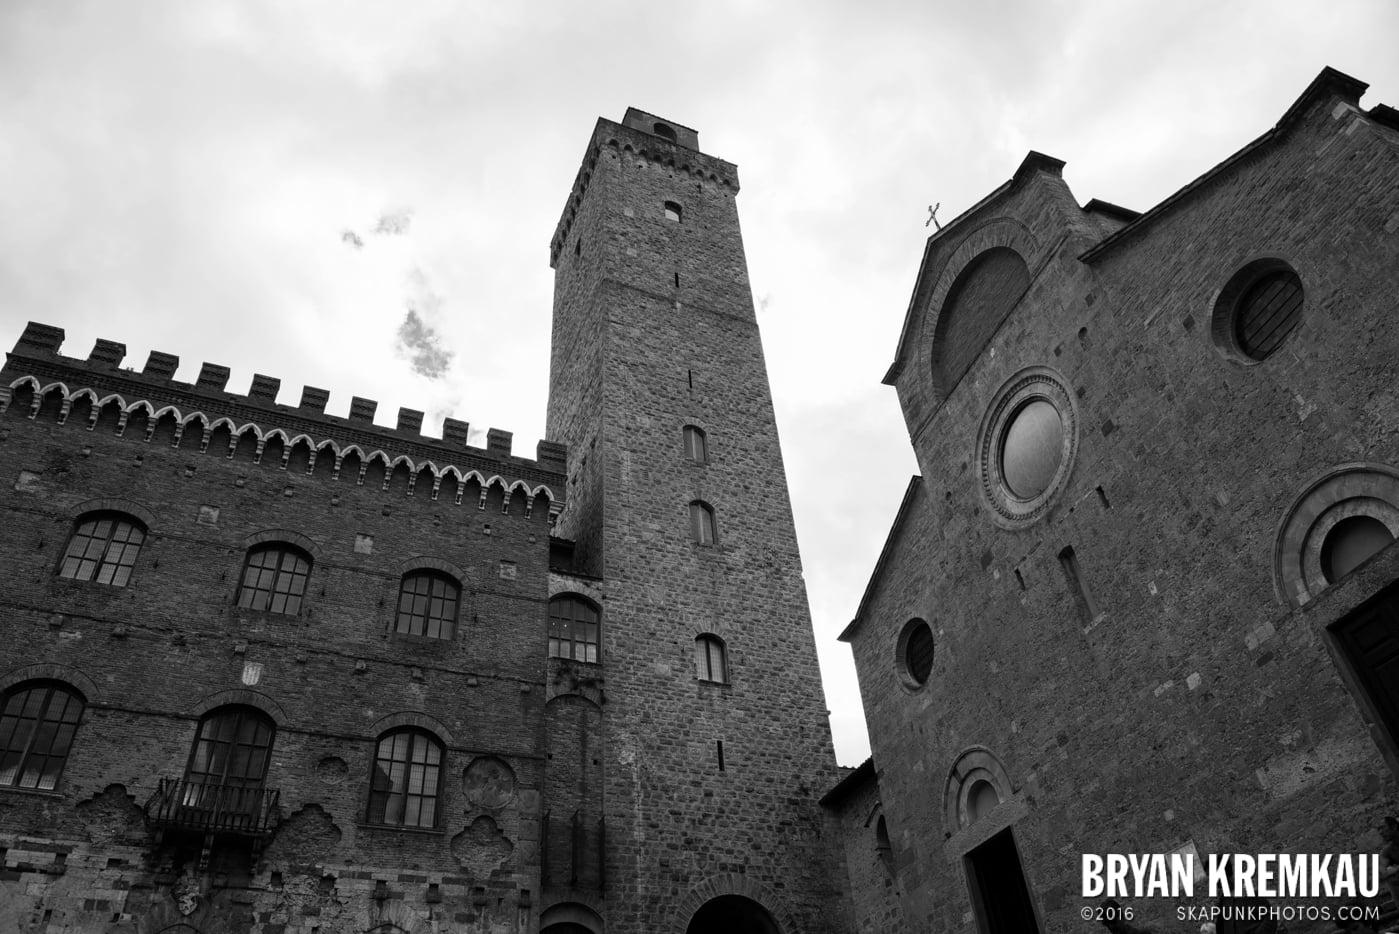 Italy Vacation - Day 8: Siena, San Gimignano, Chianti, Pisa - 9.16.13 (66)